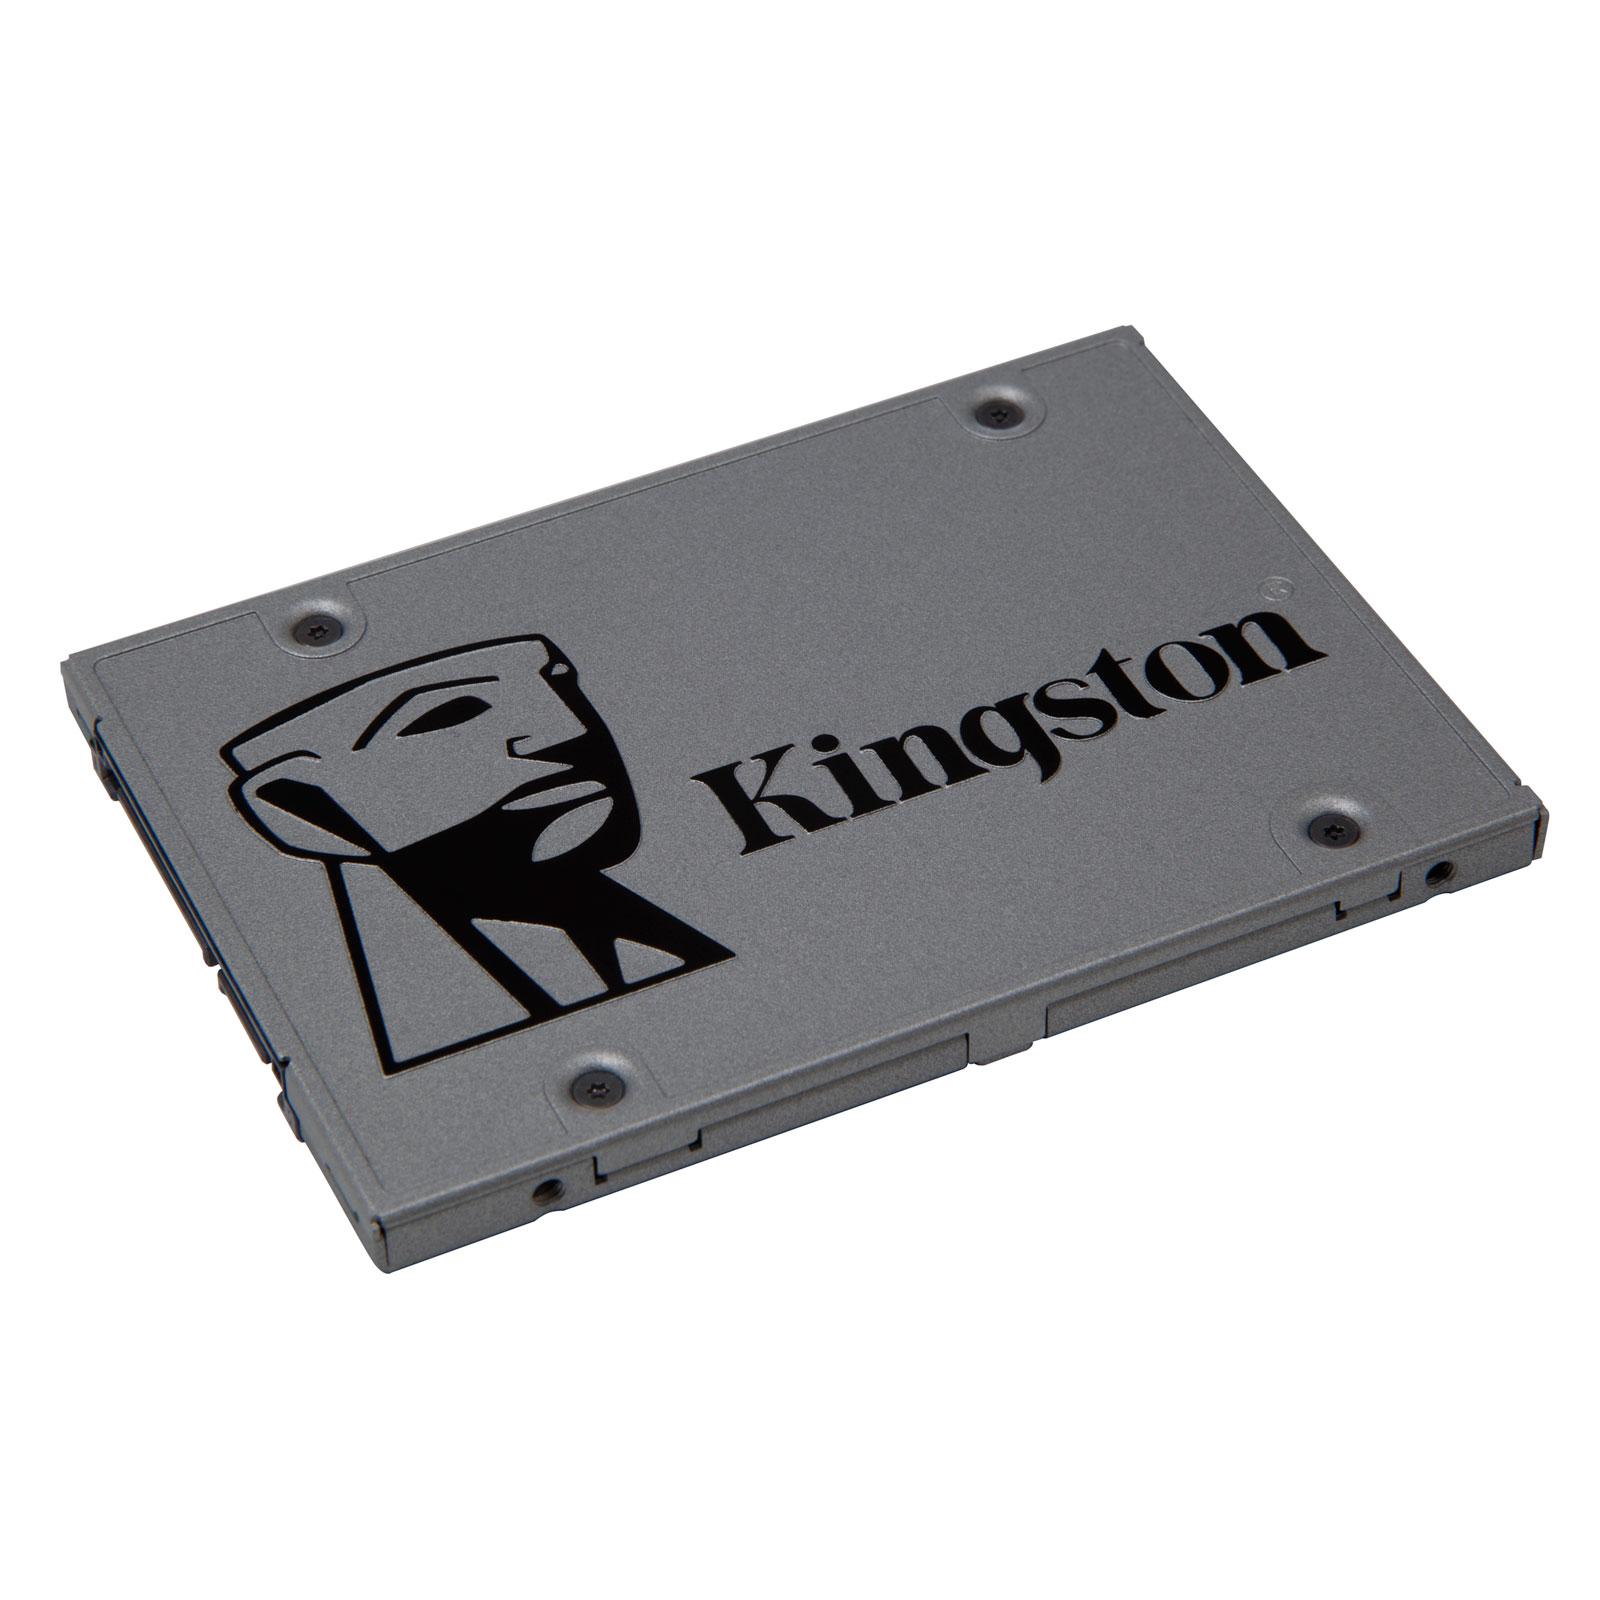 Kingston UV500 240-275Go - Disque SSD Kingston - Cybertek.fr - 0